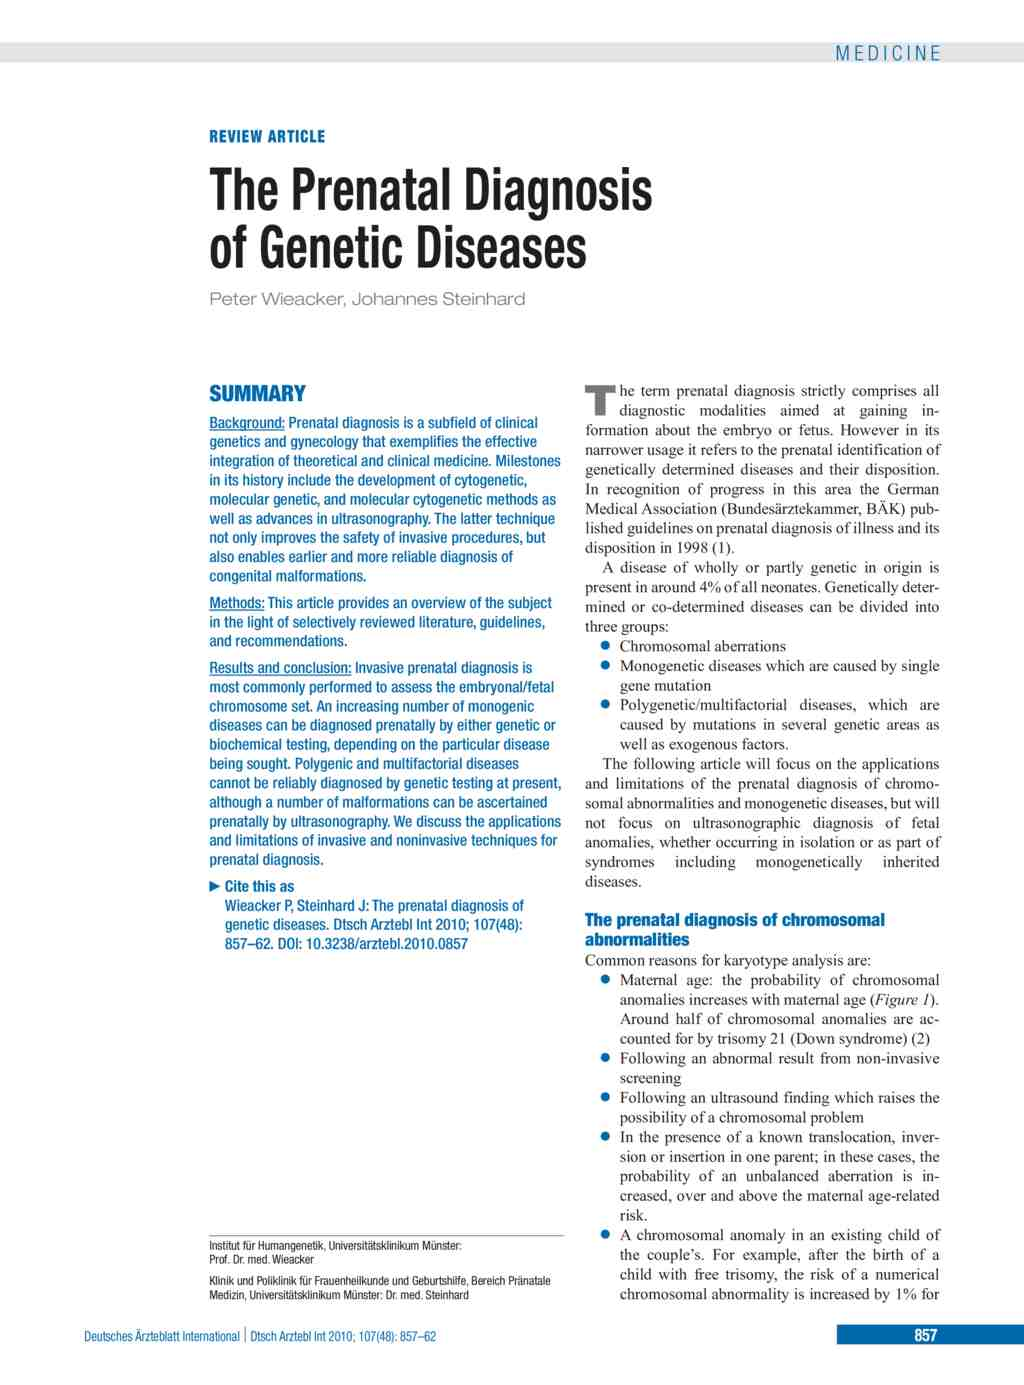 The Prenatal Diagnosis of Genetic Diseases (03.12.2010)